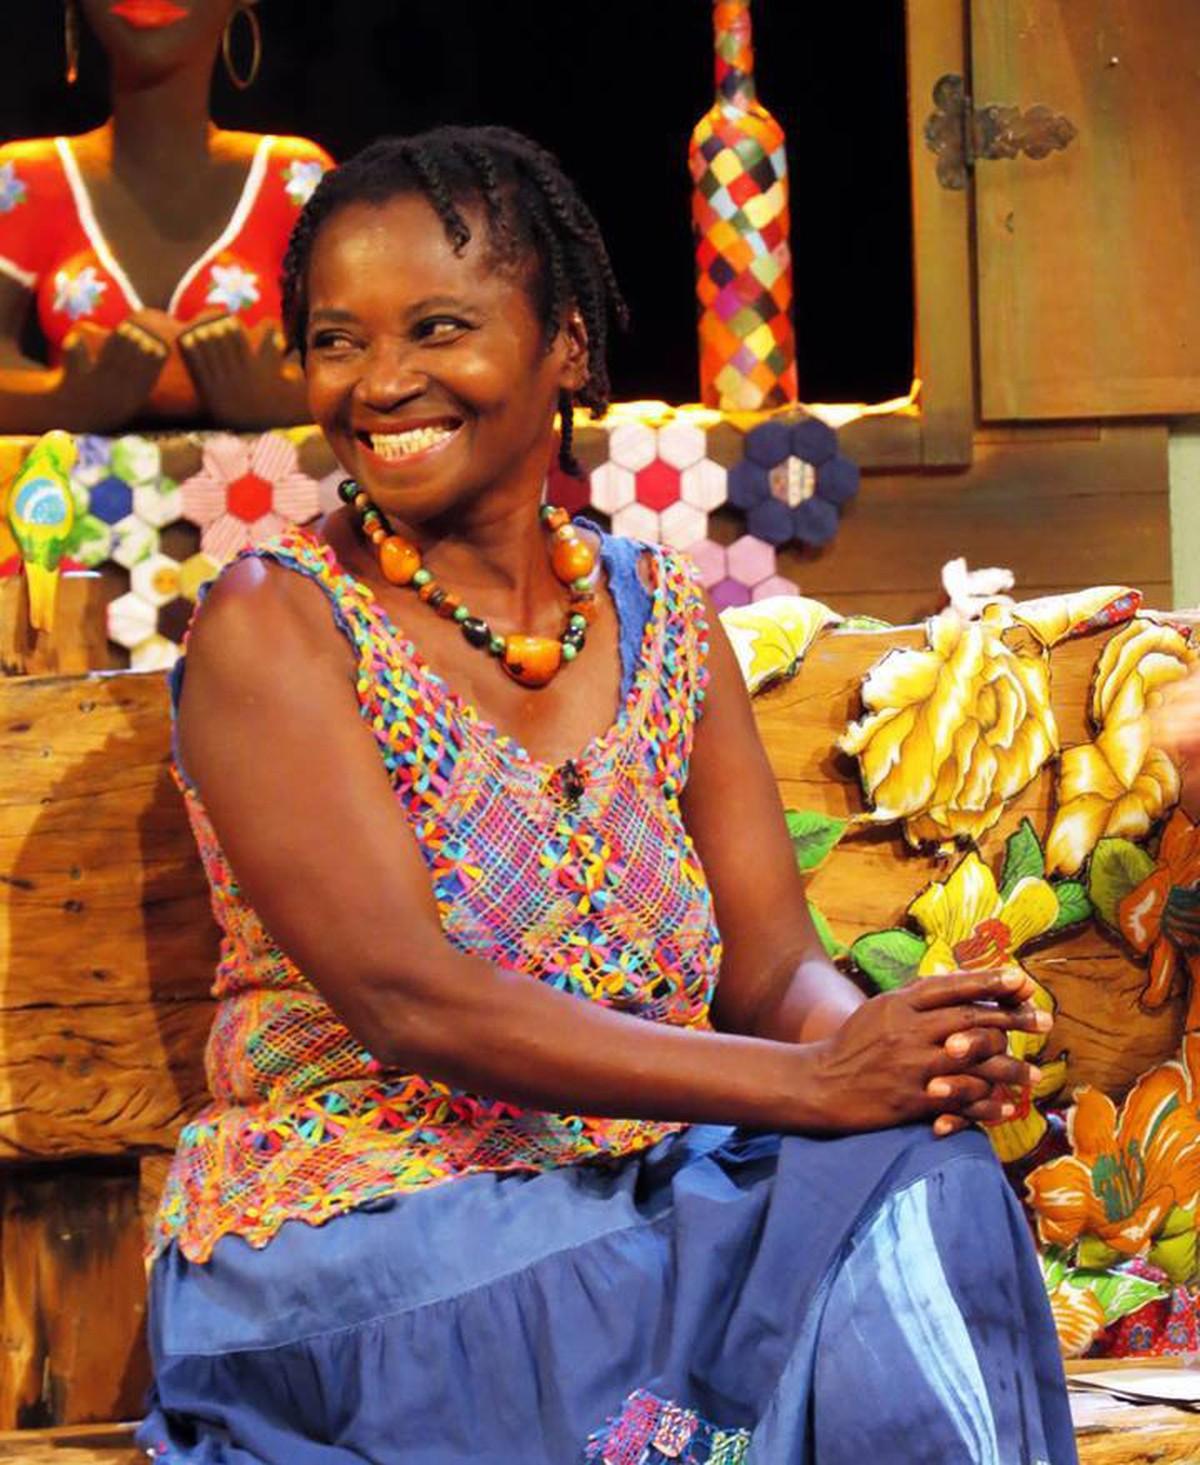 Teatro Contadores de Mentira, em Suzano, recebe show dedicado aos ritmos da cultura popular